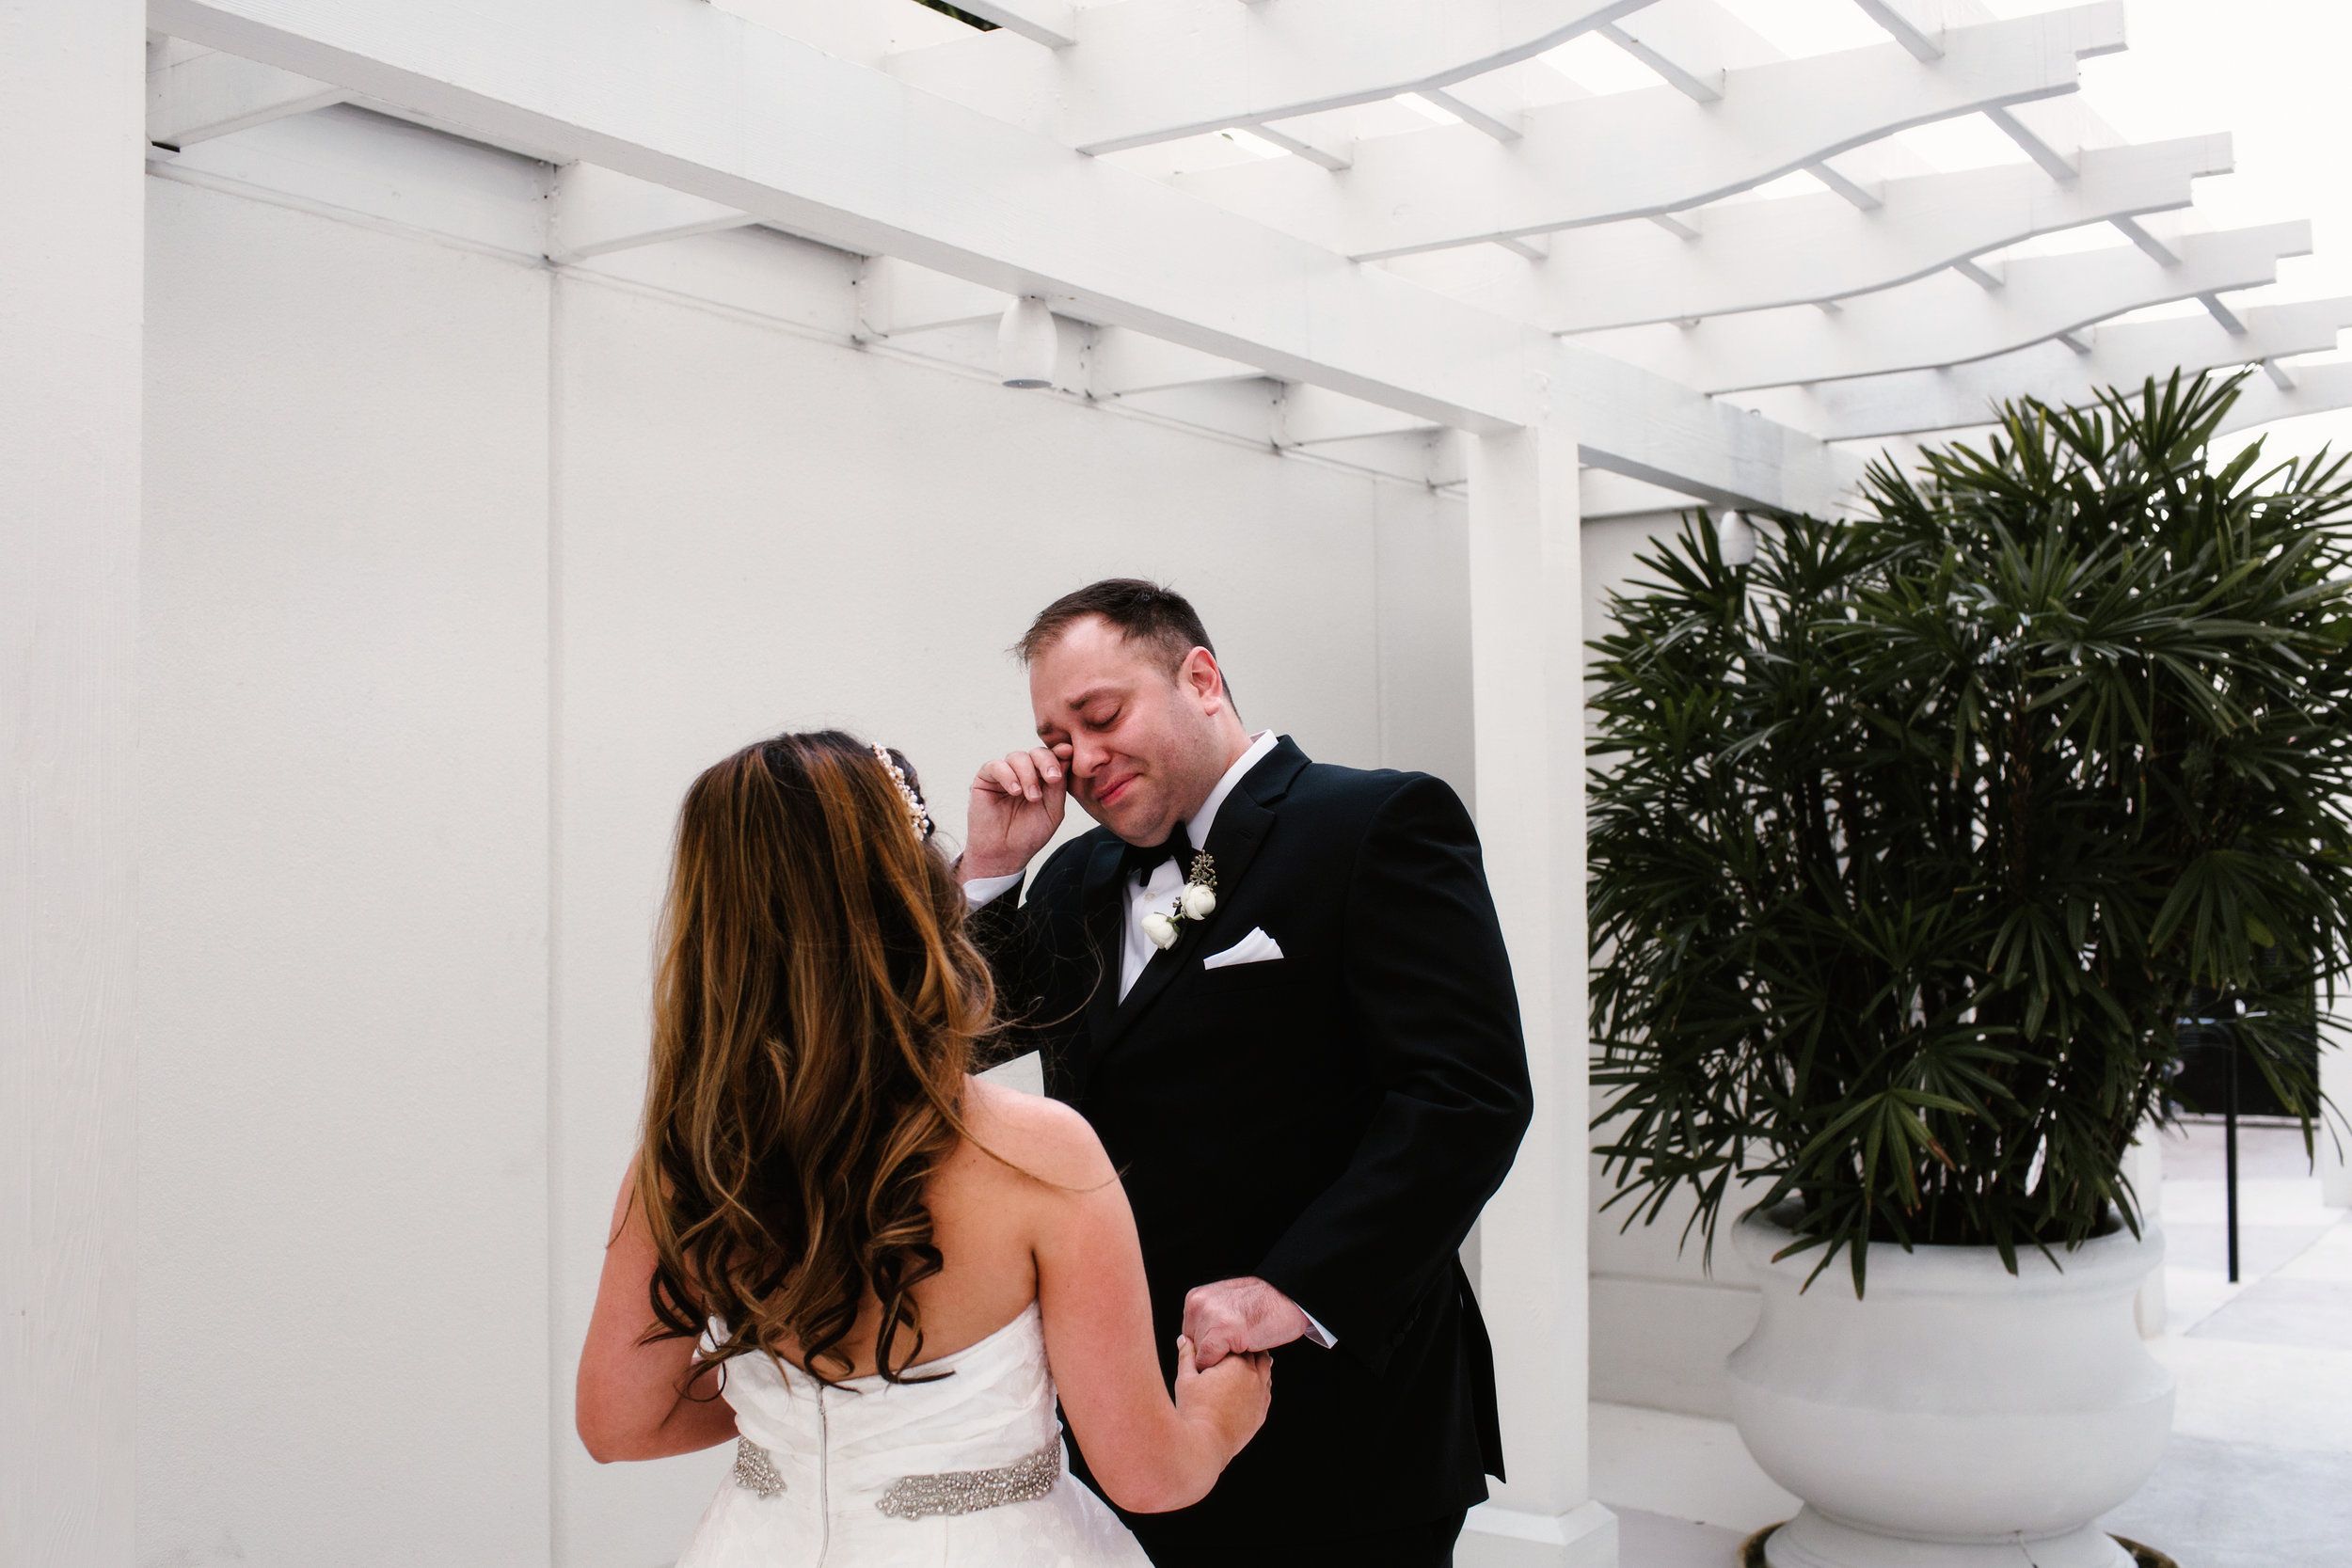 Rick and Donna | Vanessa Boy |Vanessaboy.com | orlando,fl-208.com |2.jpg